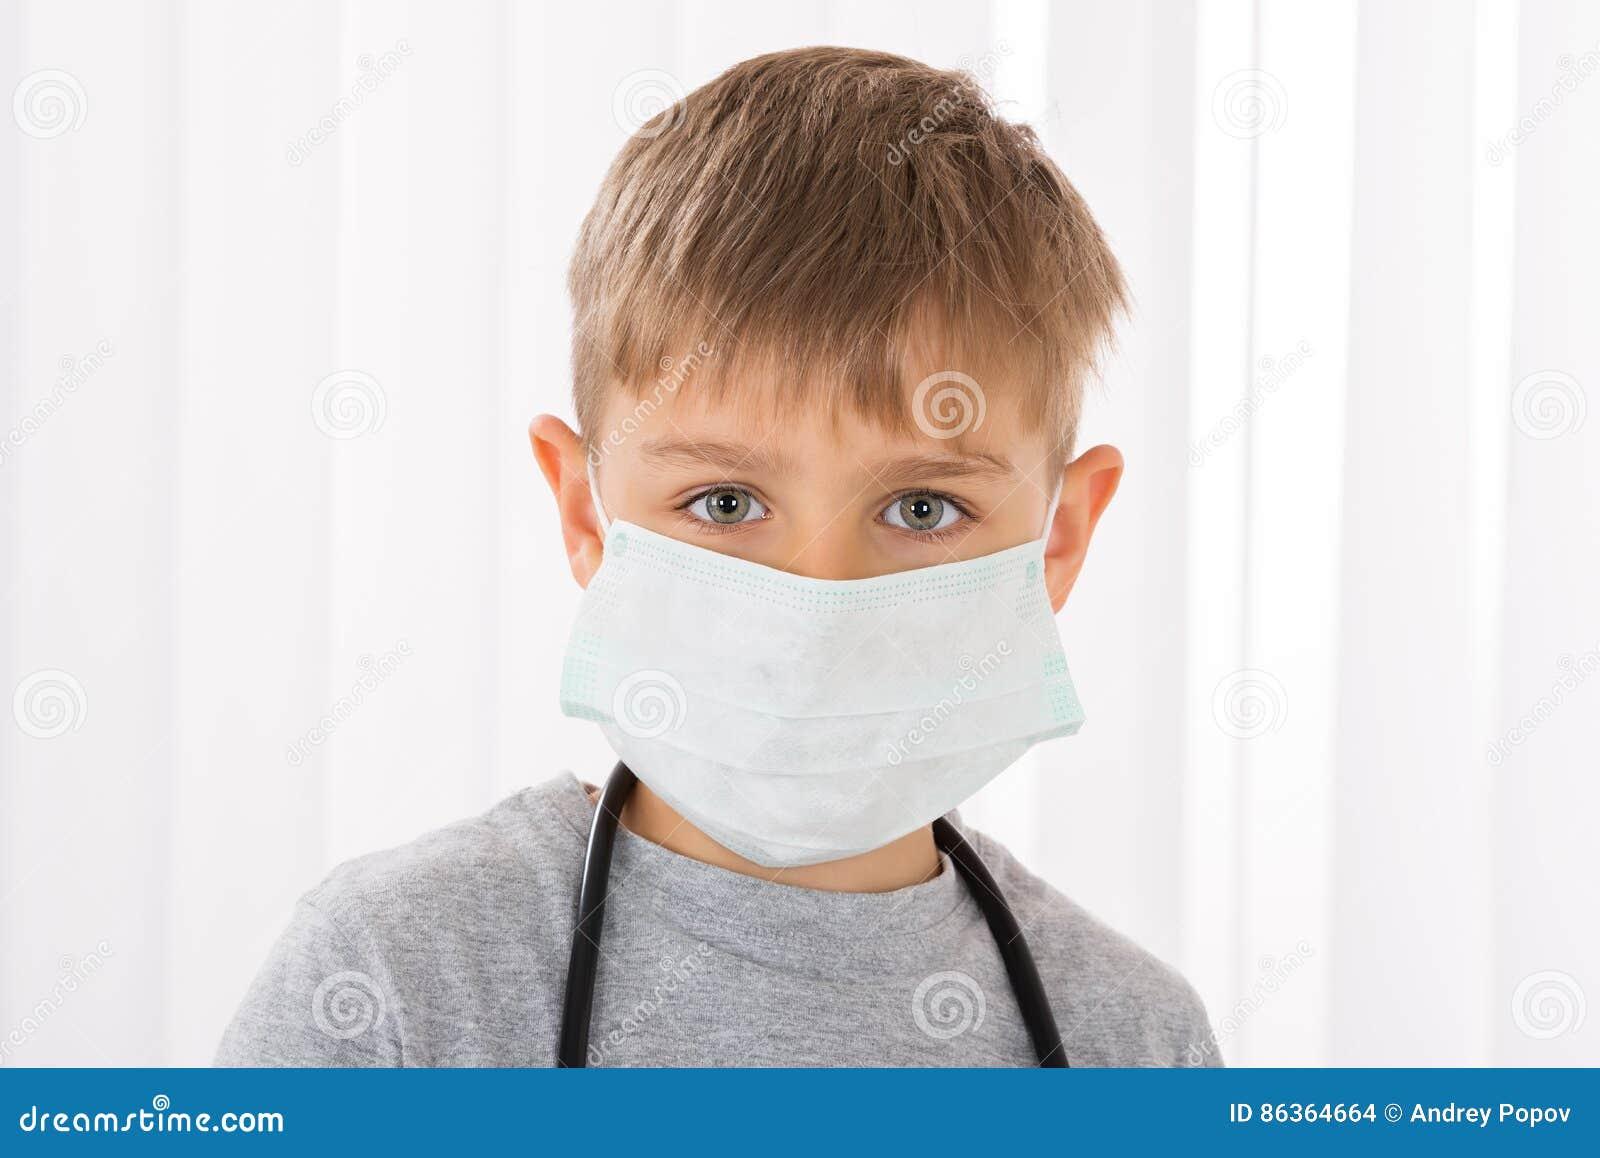 医疗 图片包括有医生 幼稚园 安全性 男孩with医生手术口罩库存照片